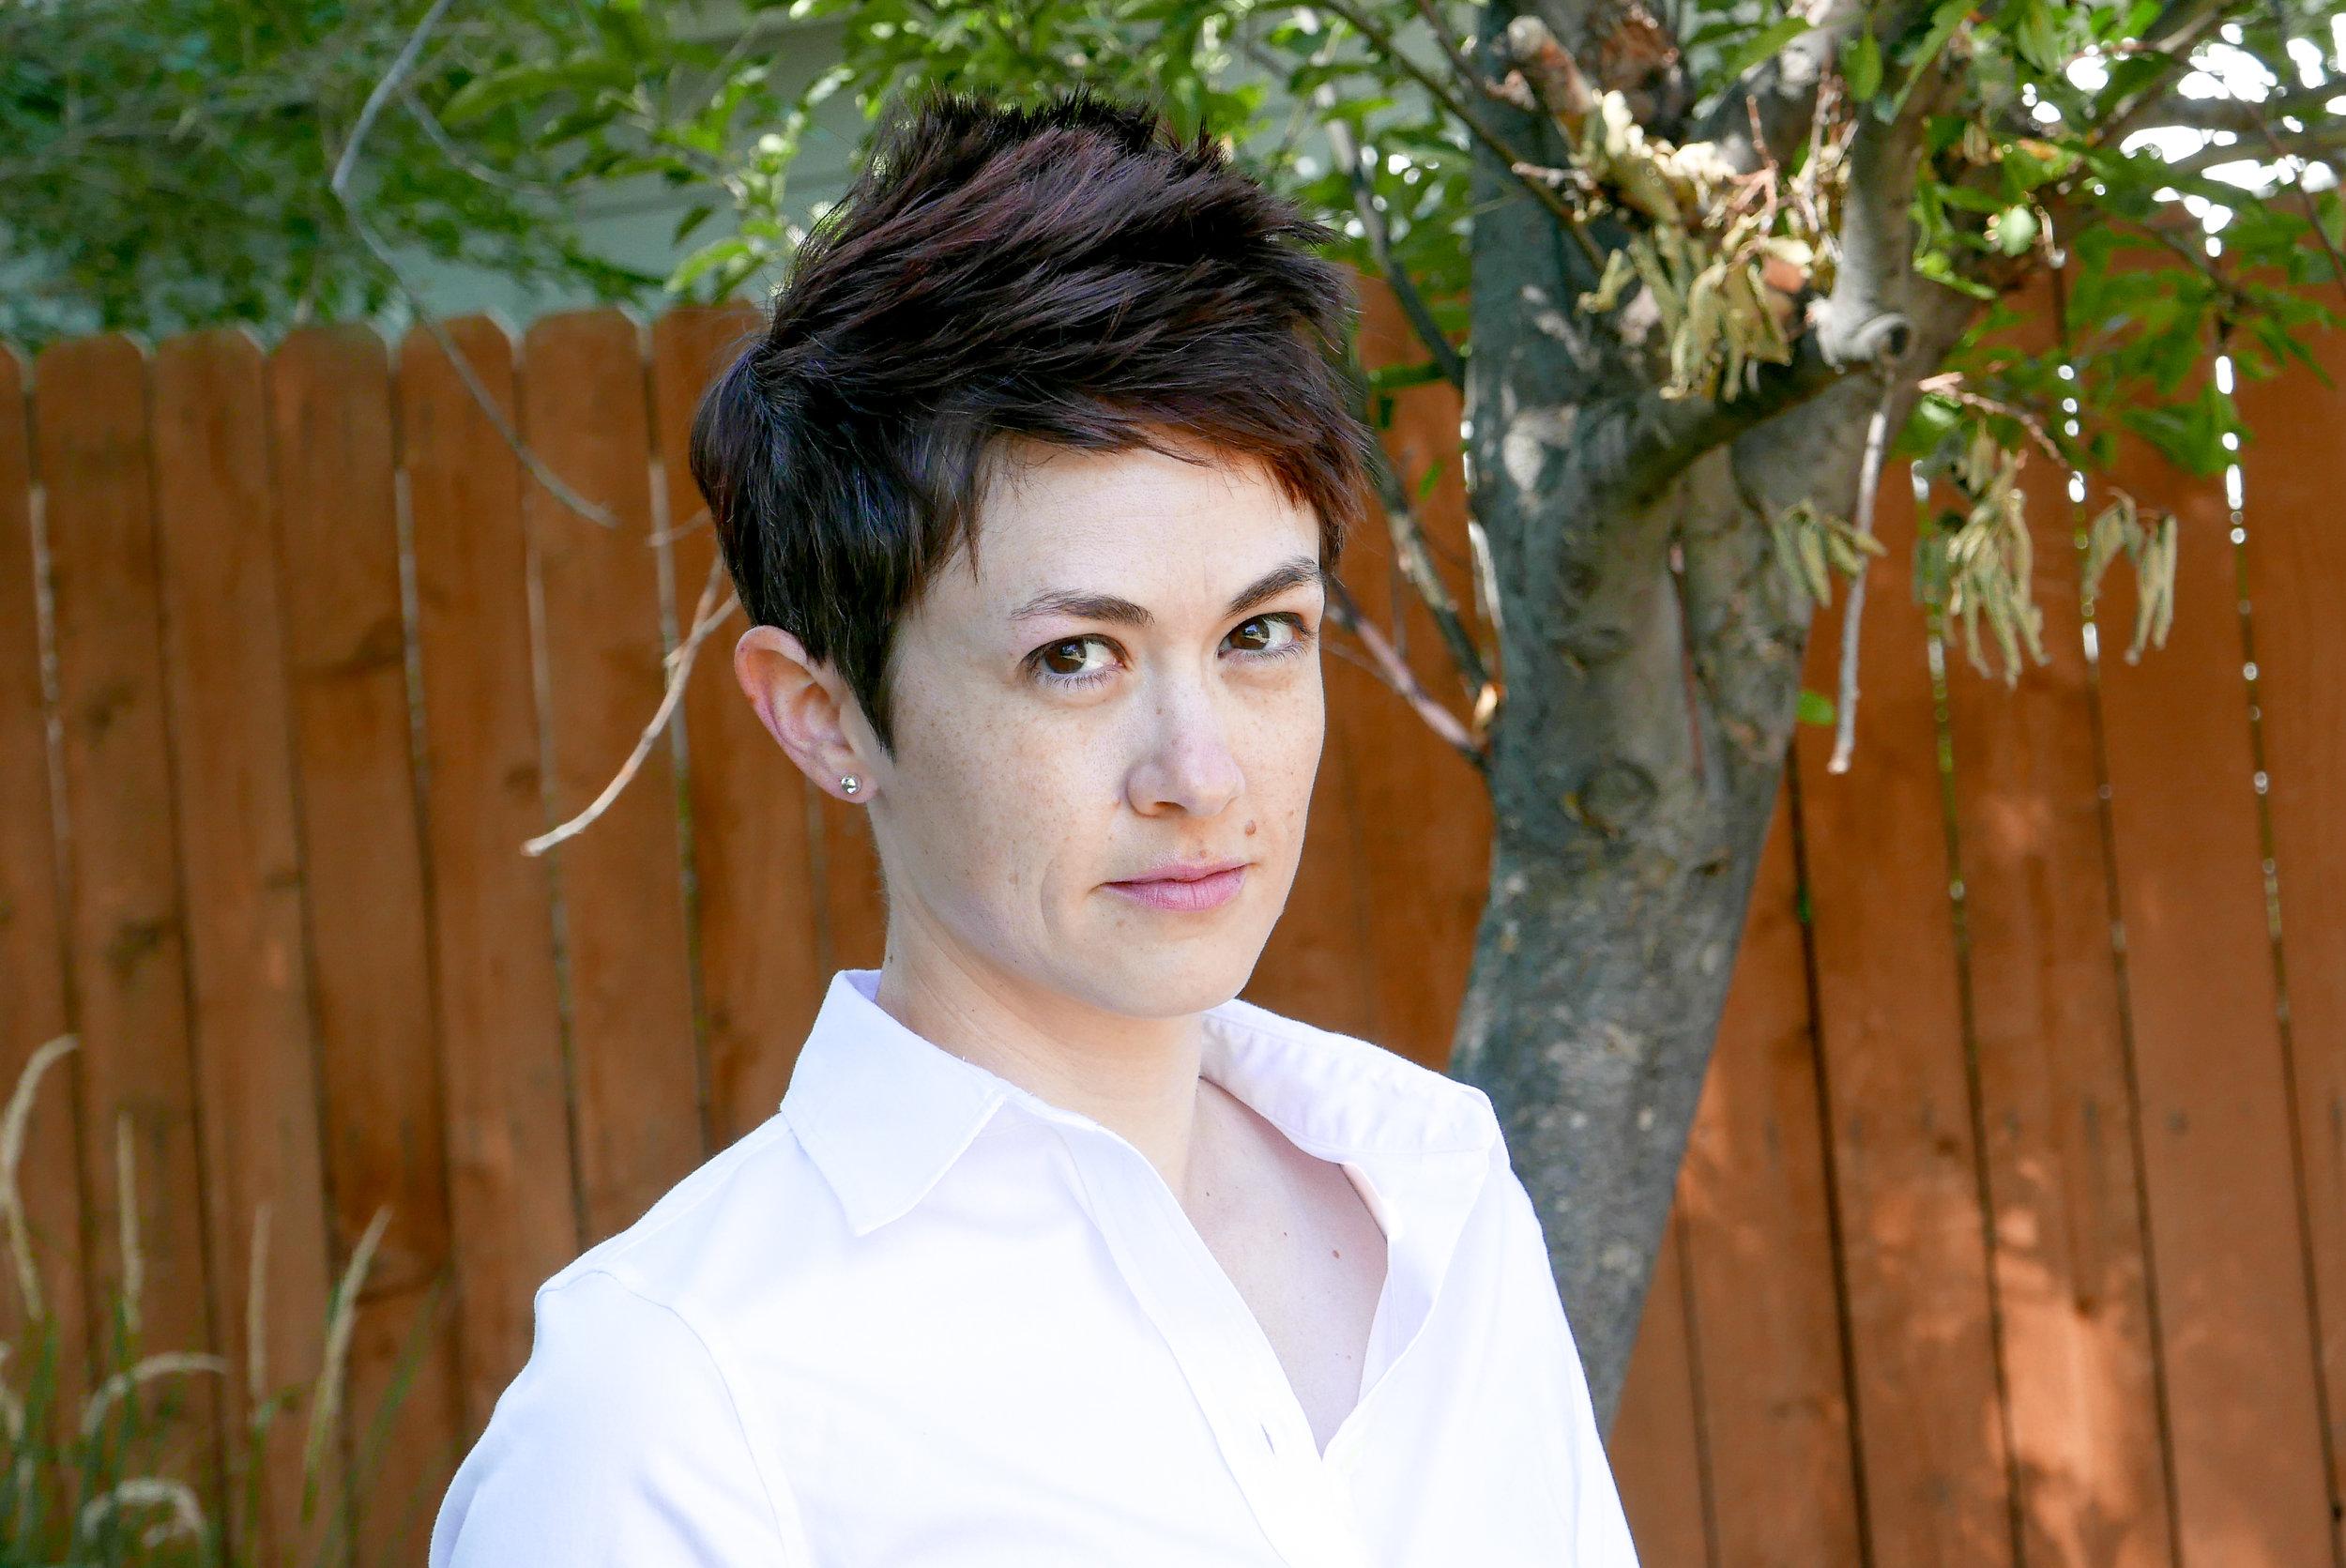 Katherine-Fuller-Headshot.jpg